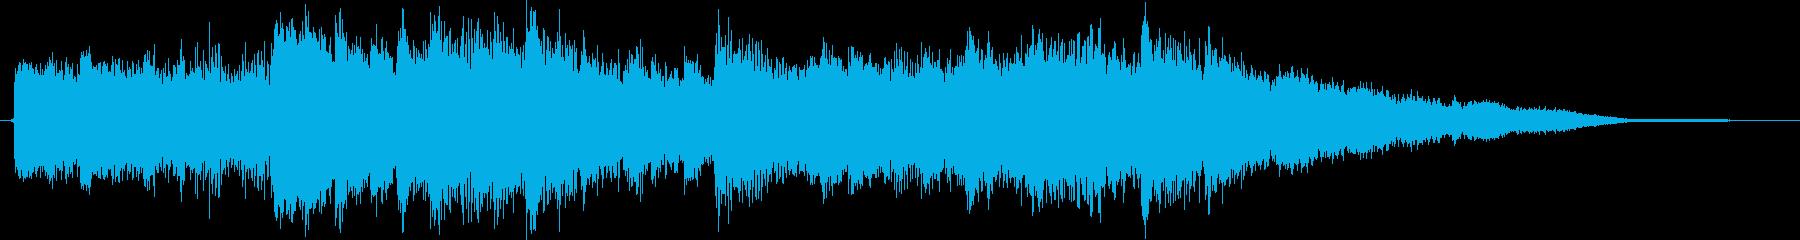 心地よい眠りのBGMの再生済みの波形